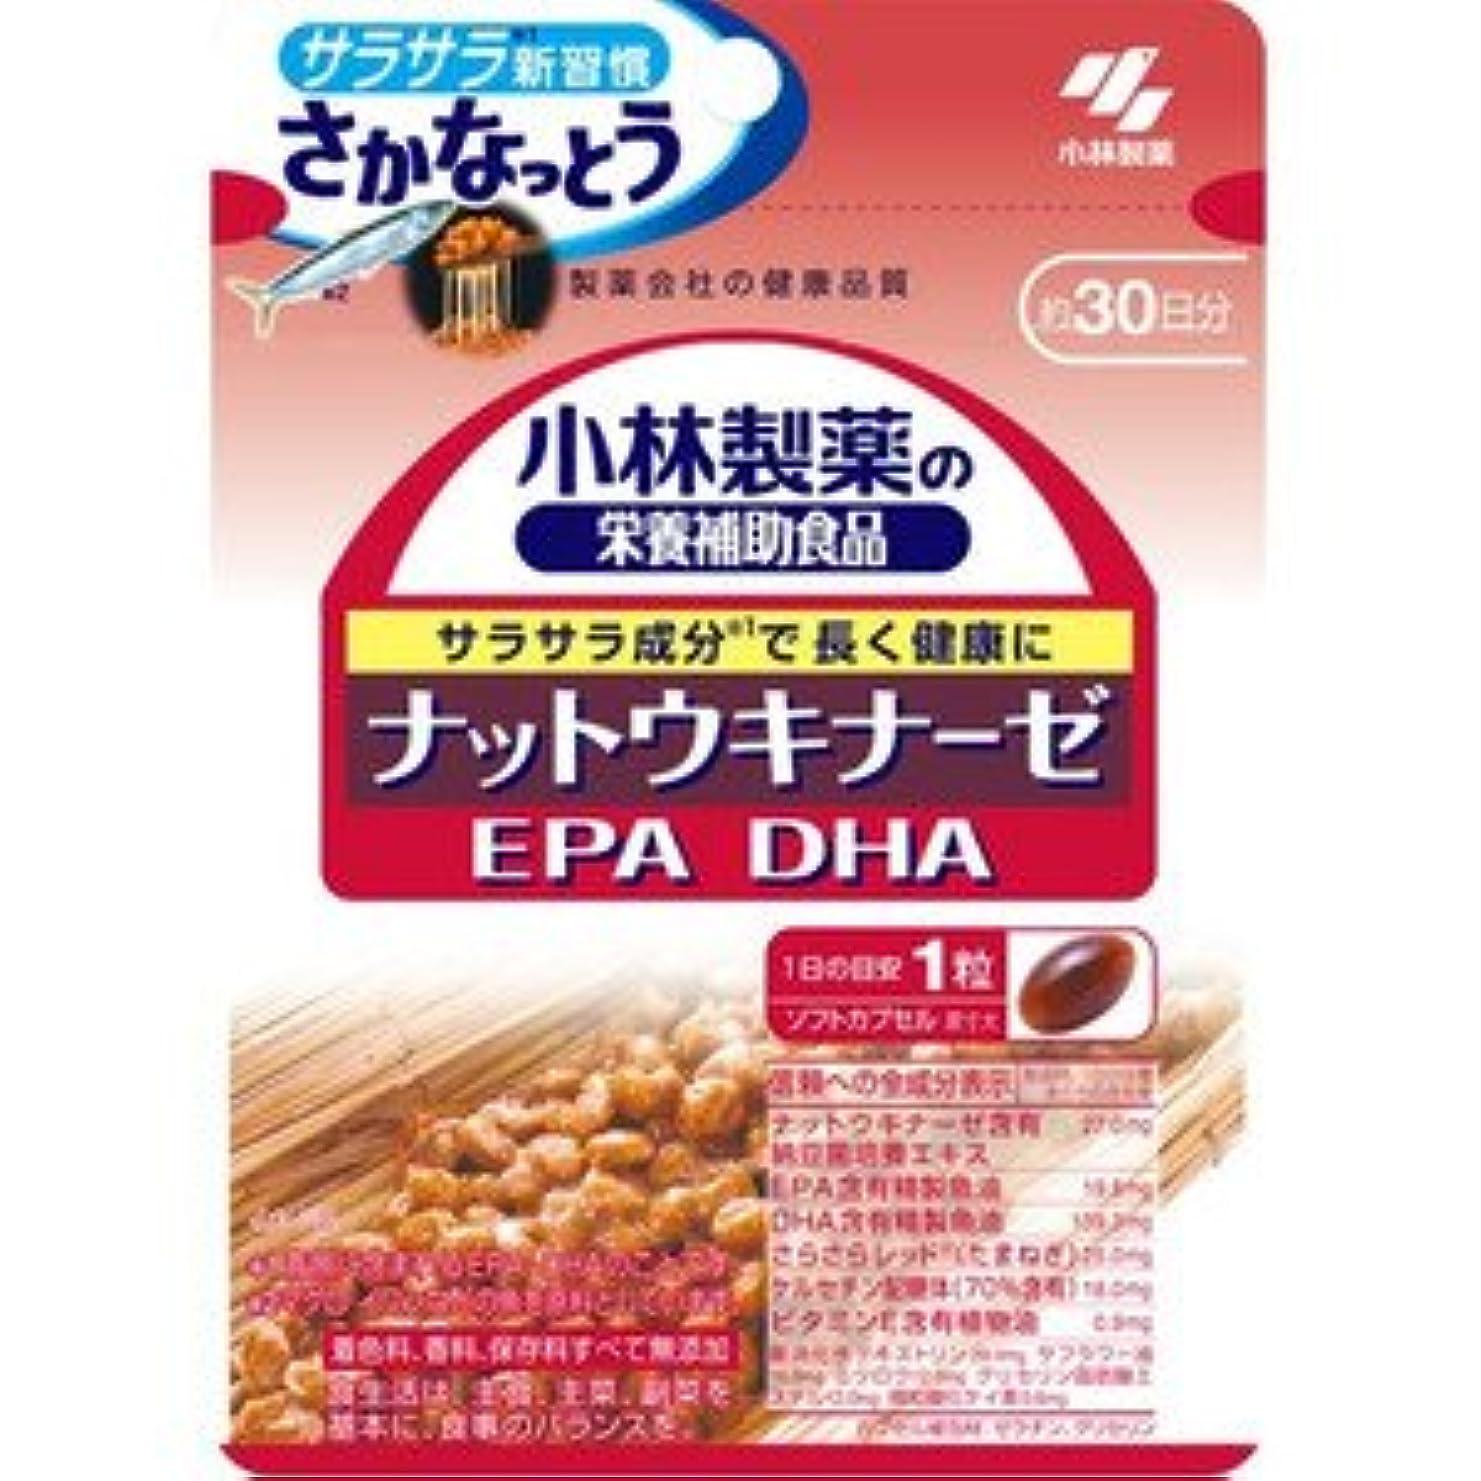 日没ワードローブ祖母【小林製薬】ナットウキナーゼ (EPA/DHA) 30粒(お買い得3個セット)